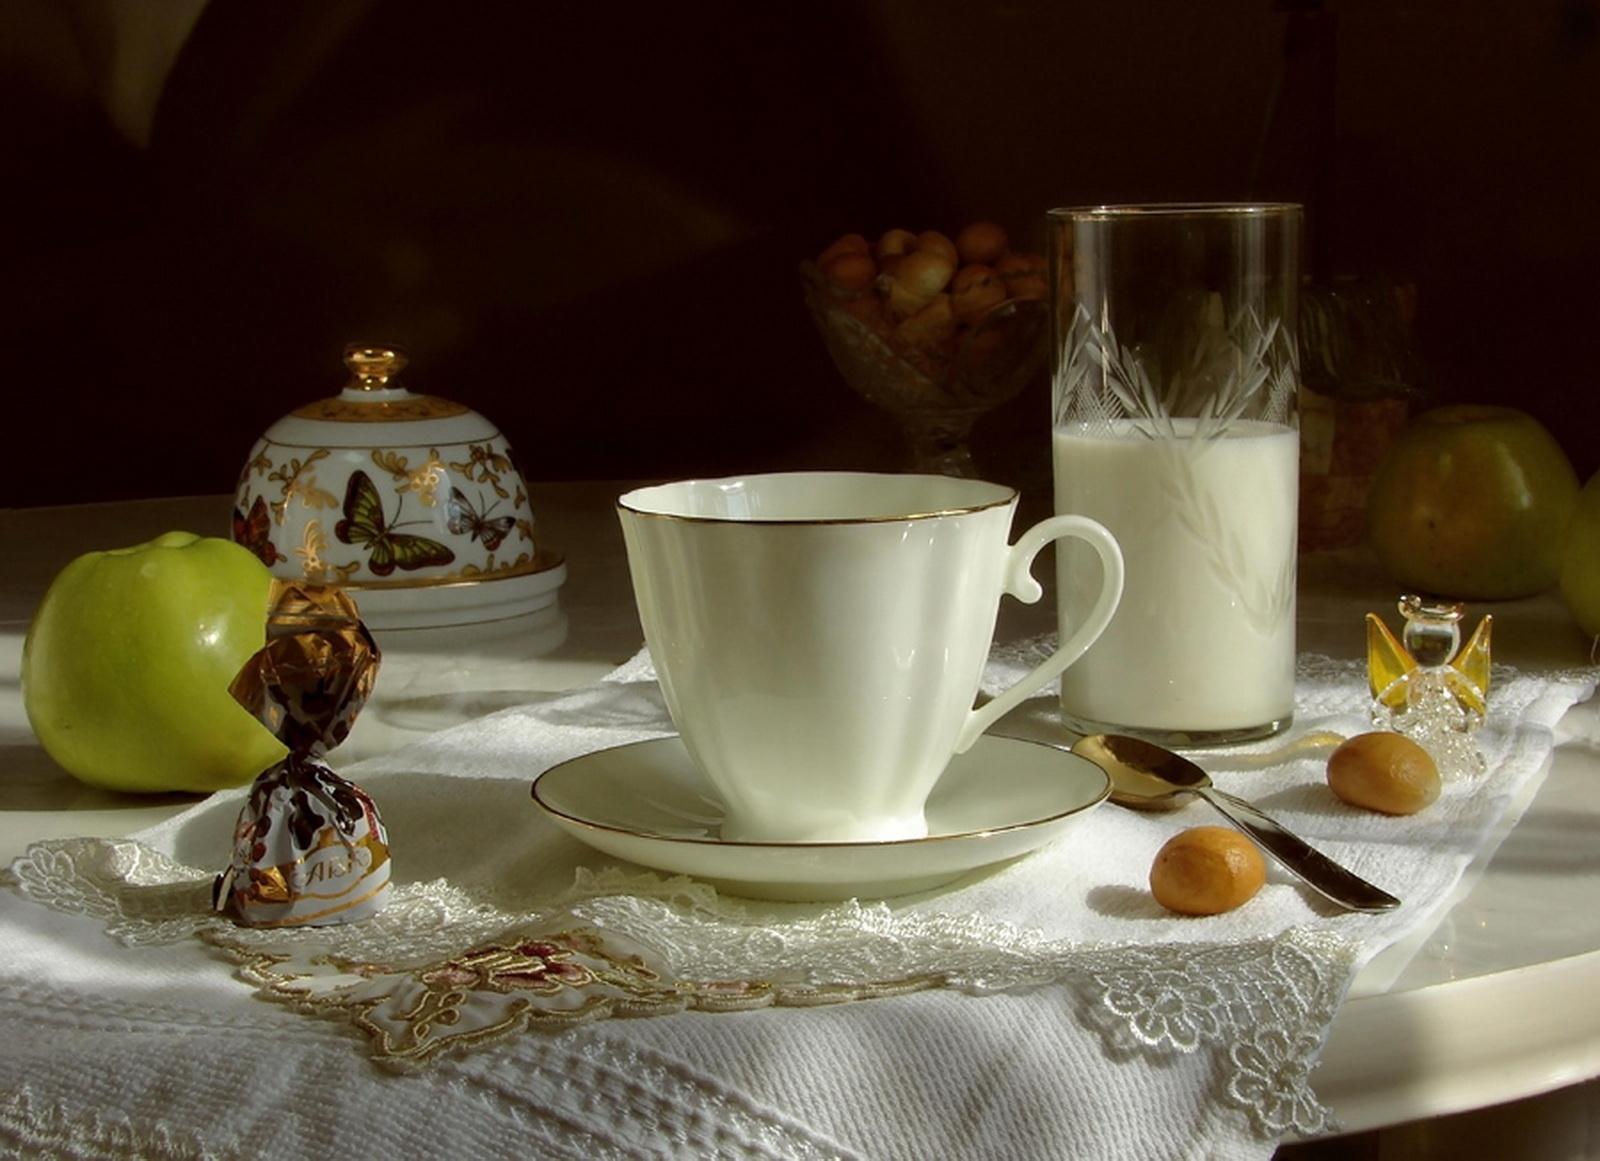 прекрасному, теплому фото натюрморты с чашками доченька, сотню